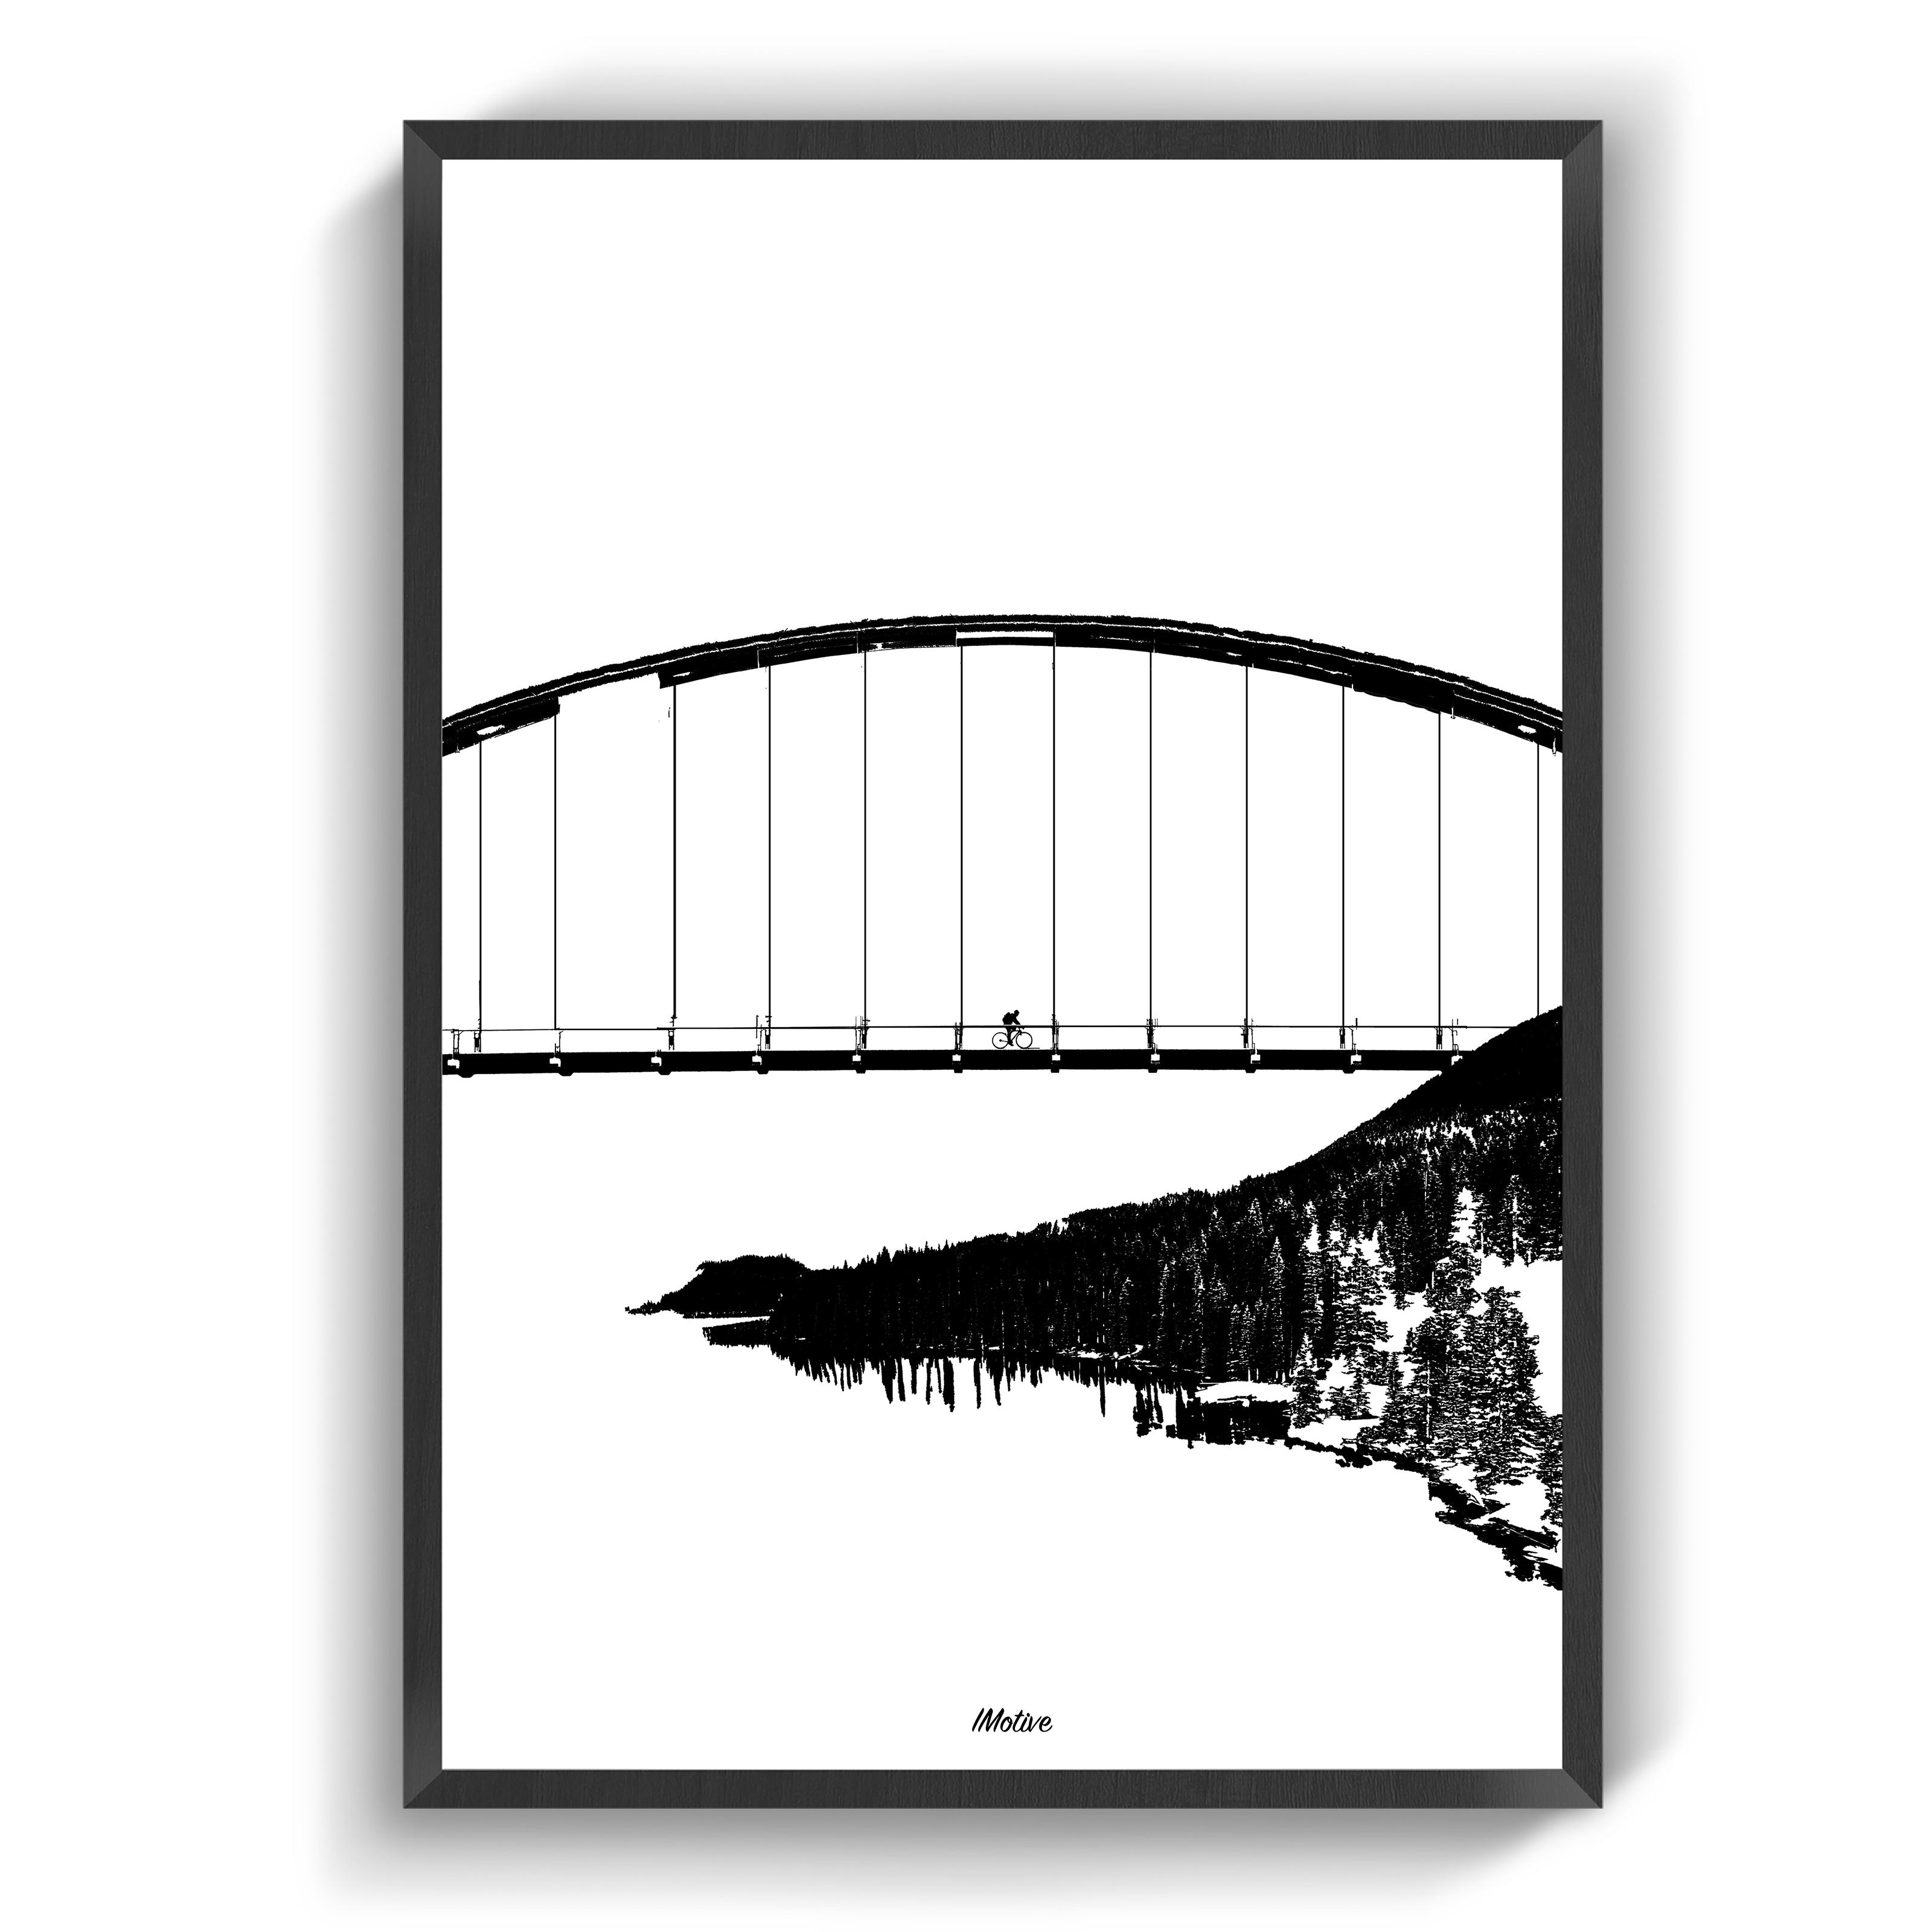 Plakater Over Broen Plakater Billeder Moderne Plakater